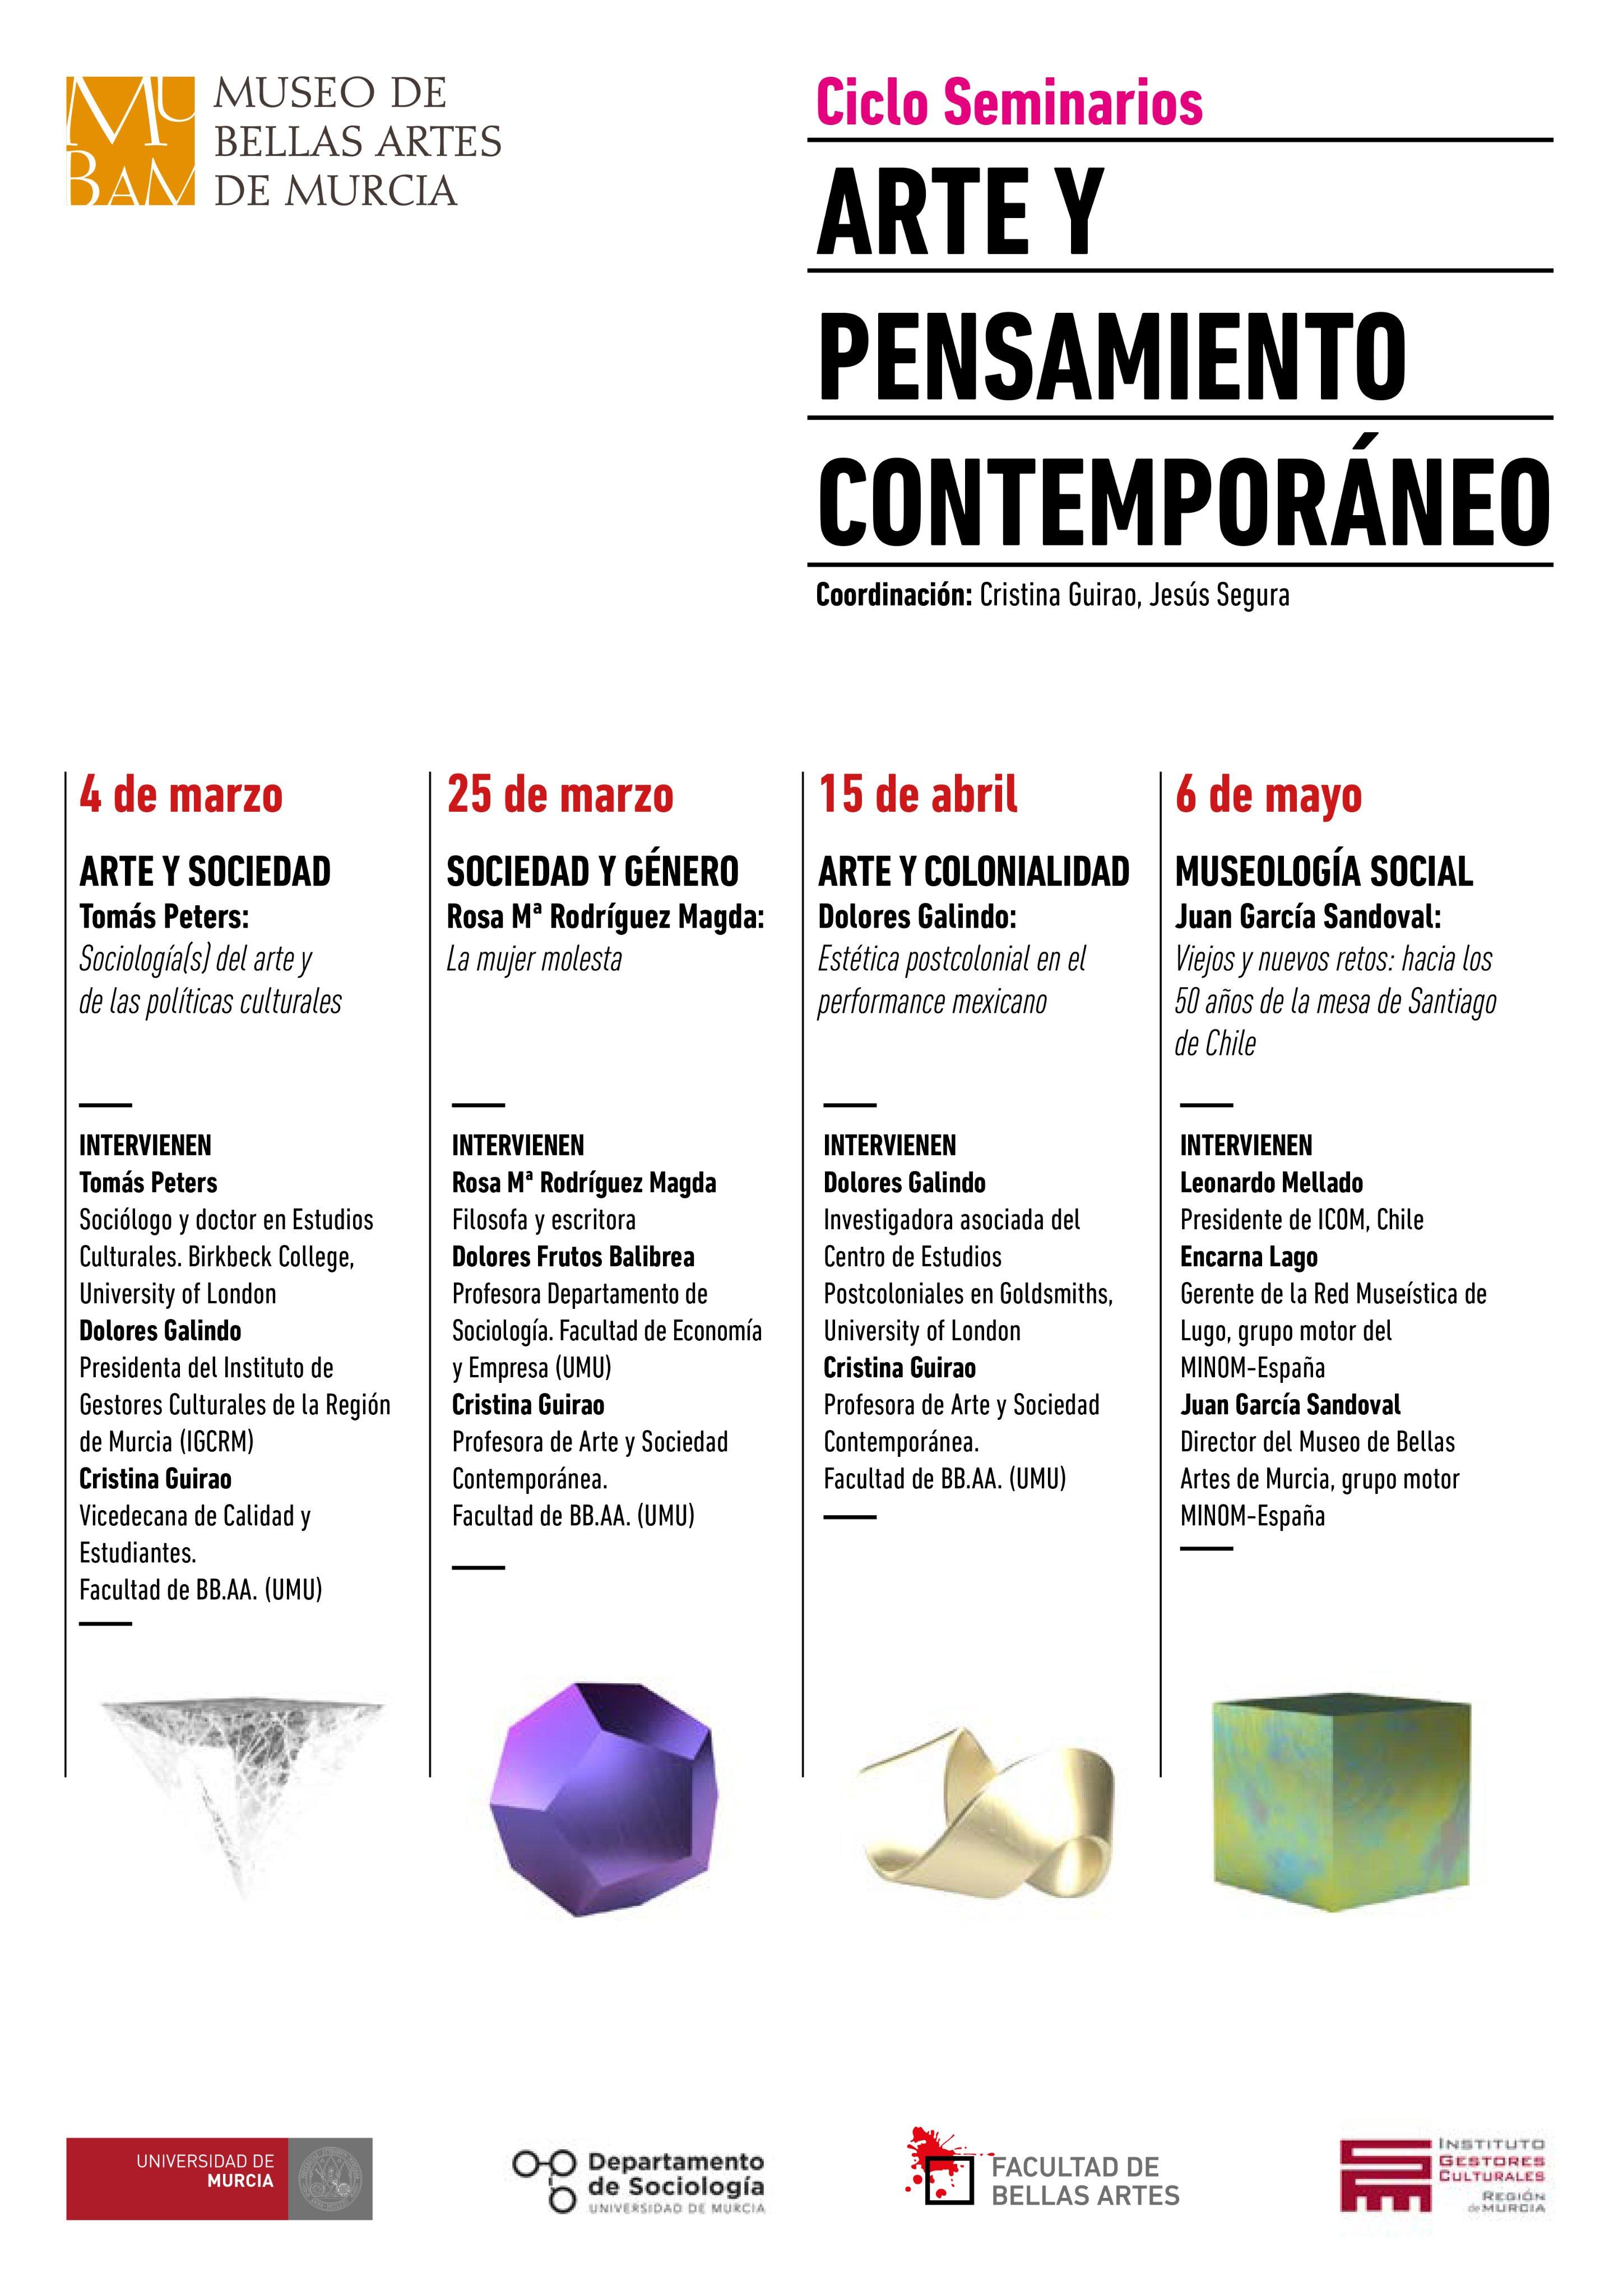 museo-bellas-arte-murcia1.jpg